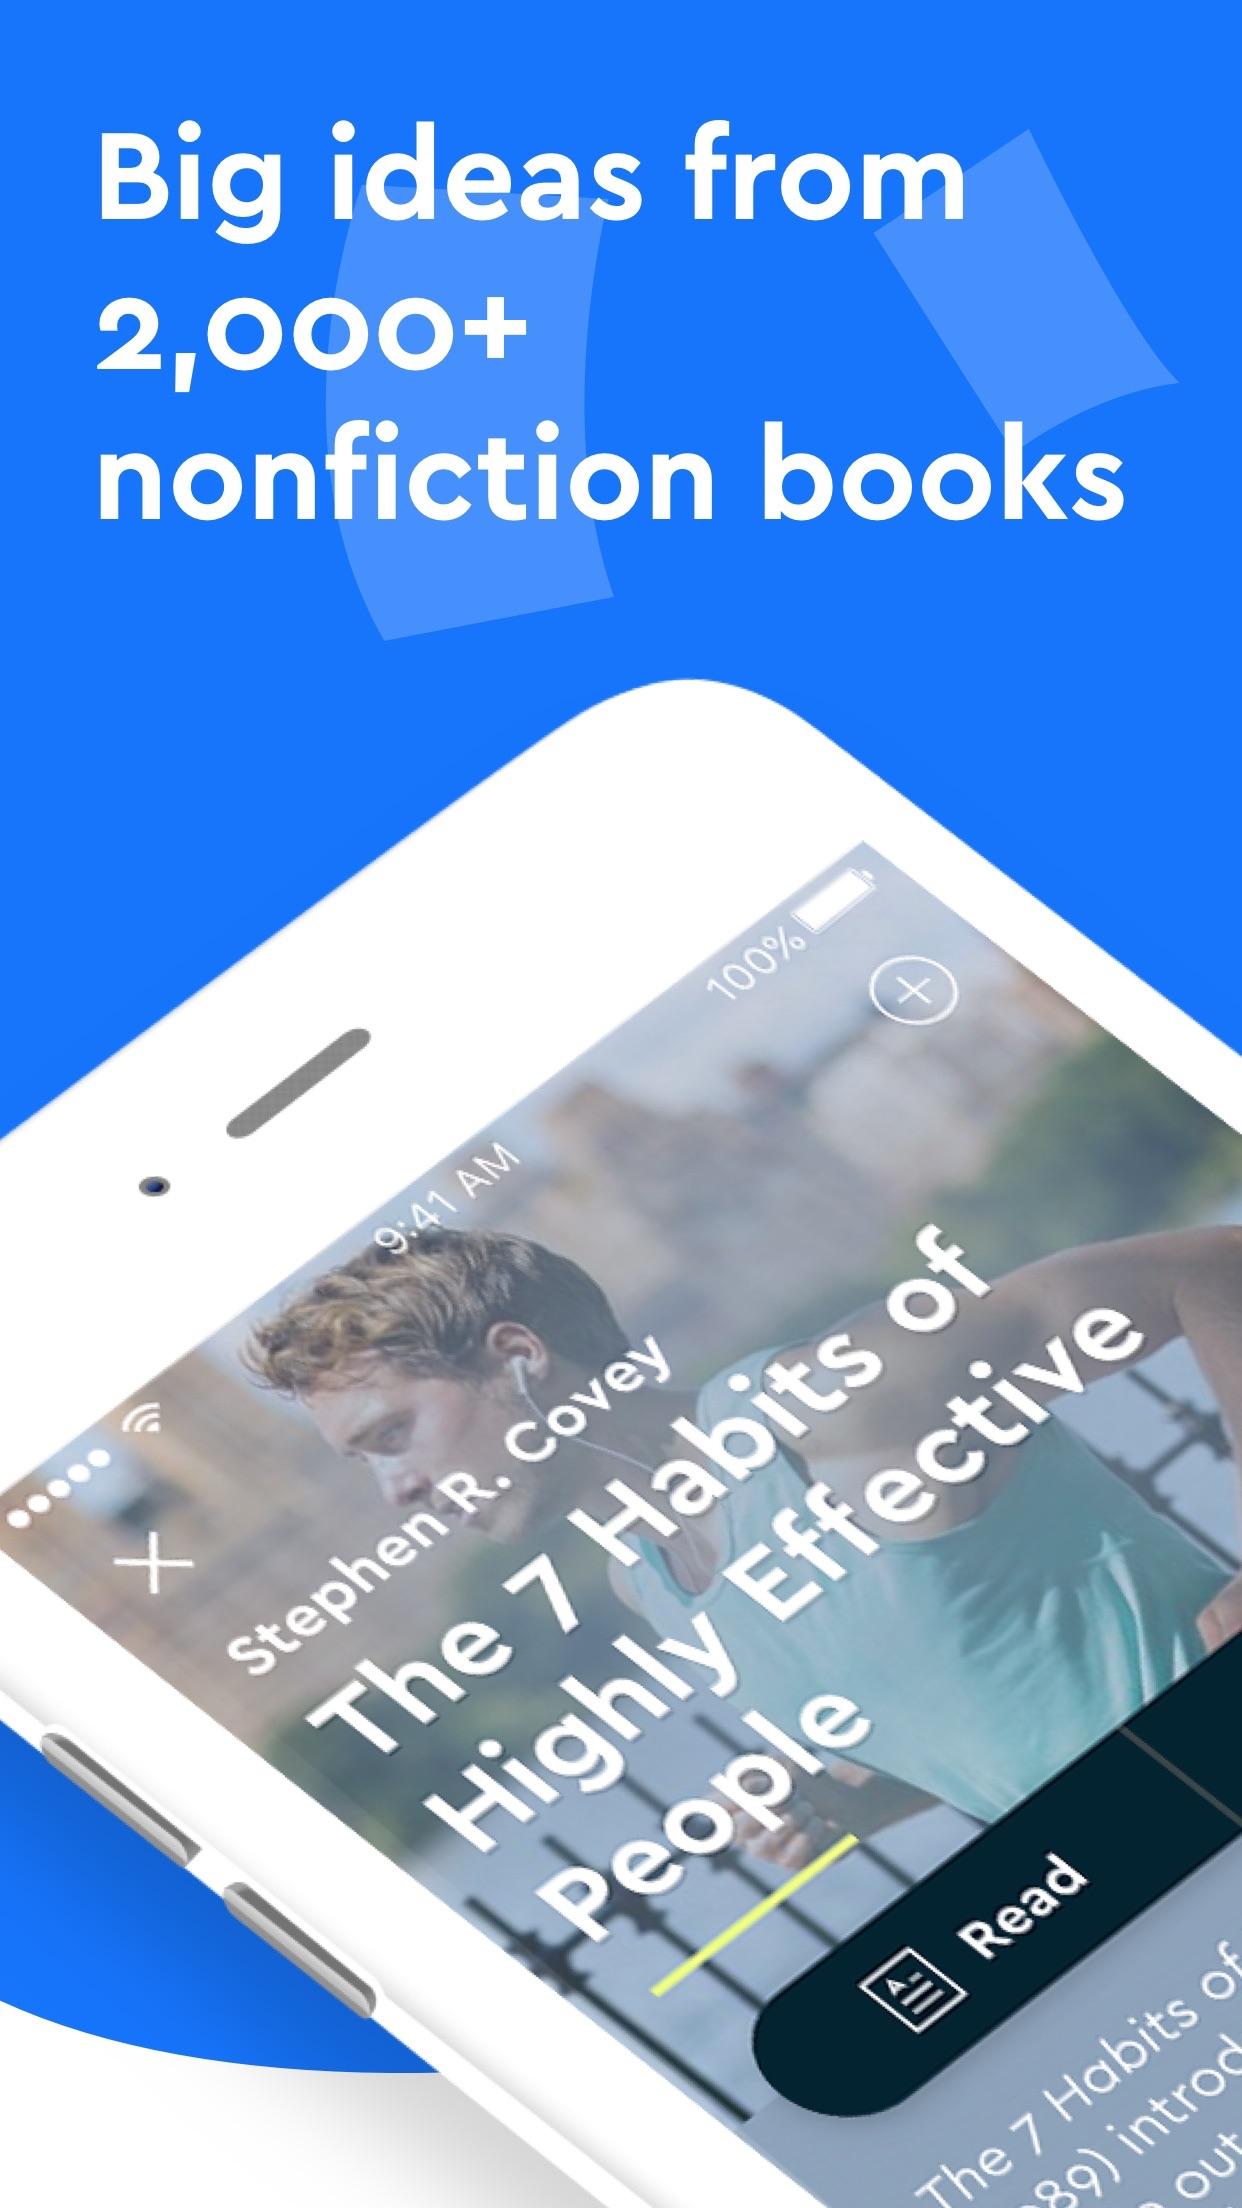 Blinkist: Read More Nonfiction Screenshot